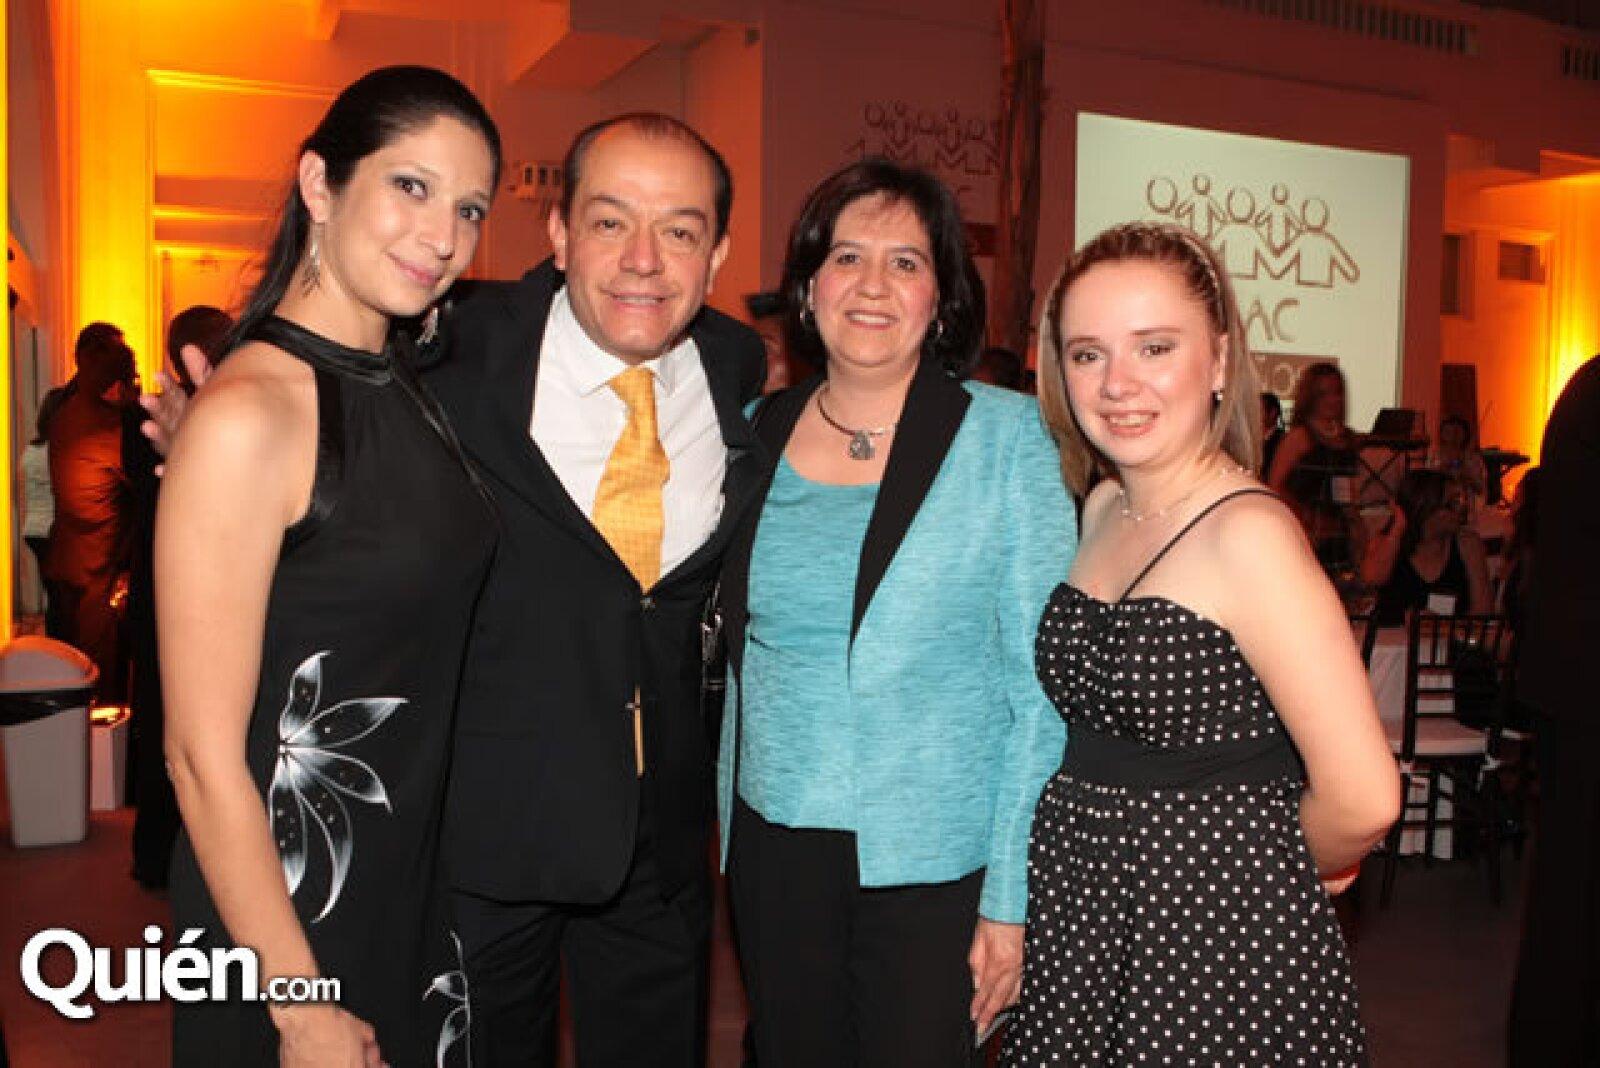 Jessica Paredes, Javier Garibay, Cristina Raquel y Gladys Adams